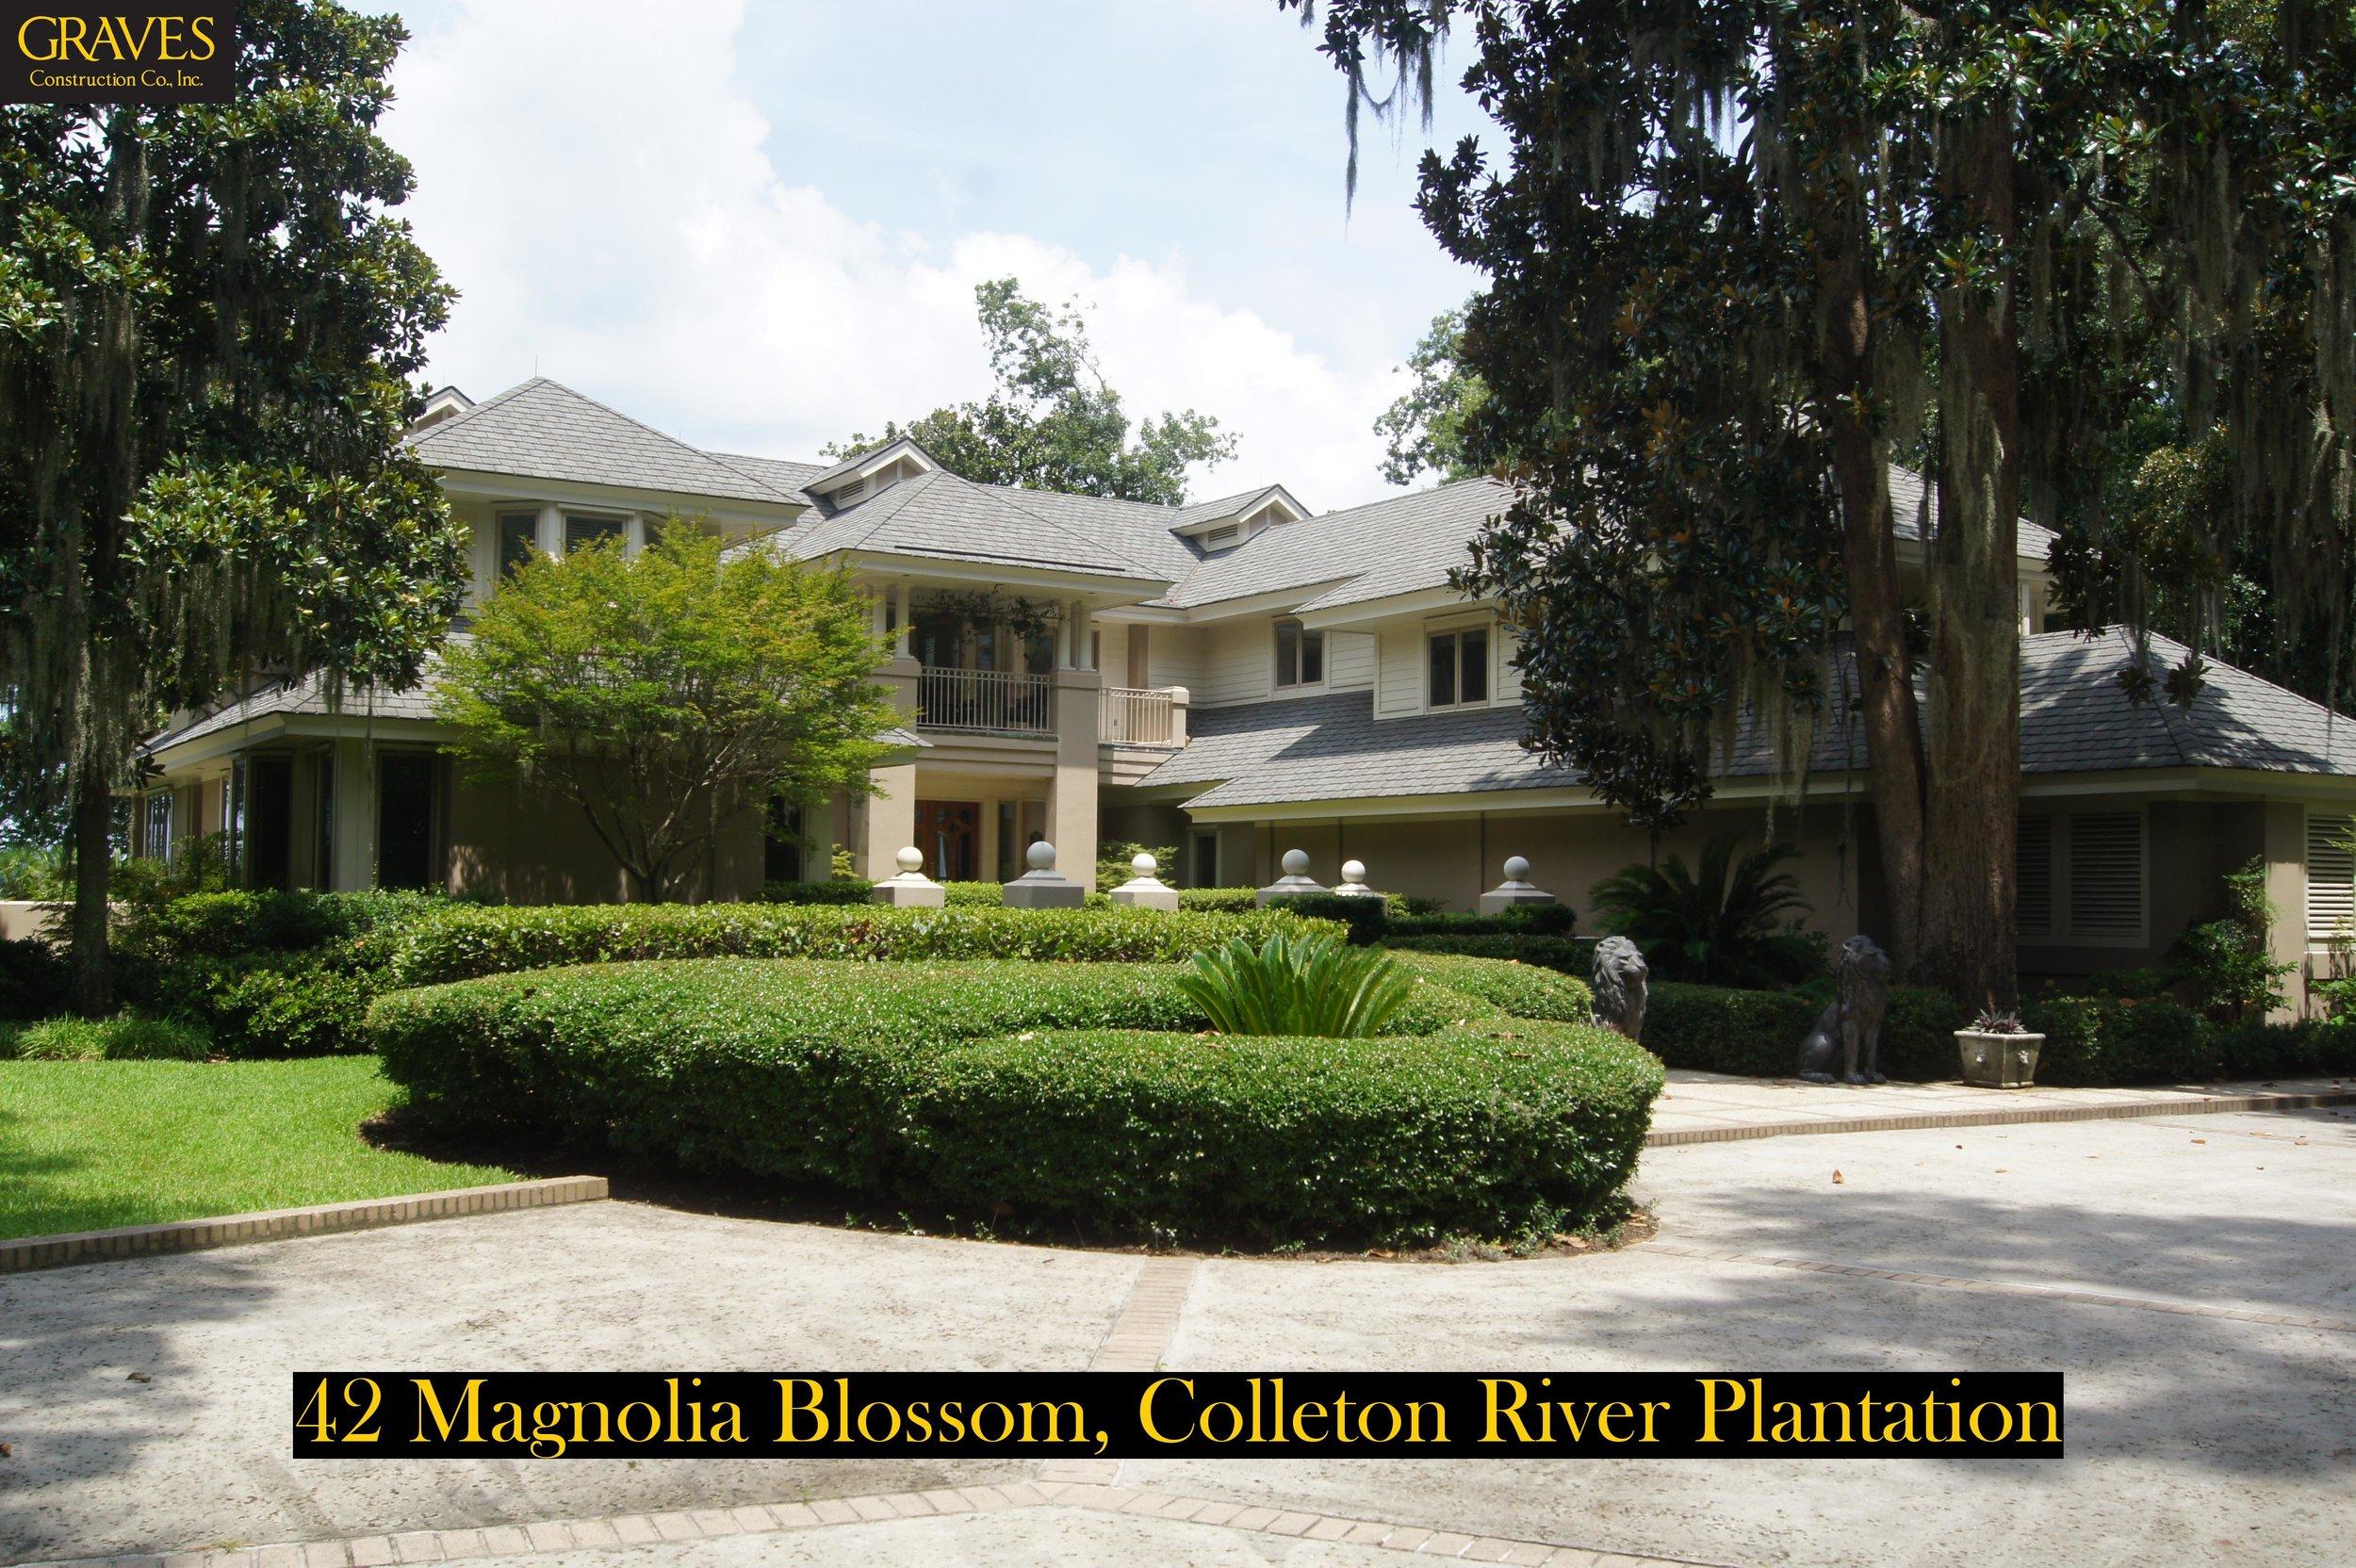 42 Magnolia Blossom - 3